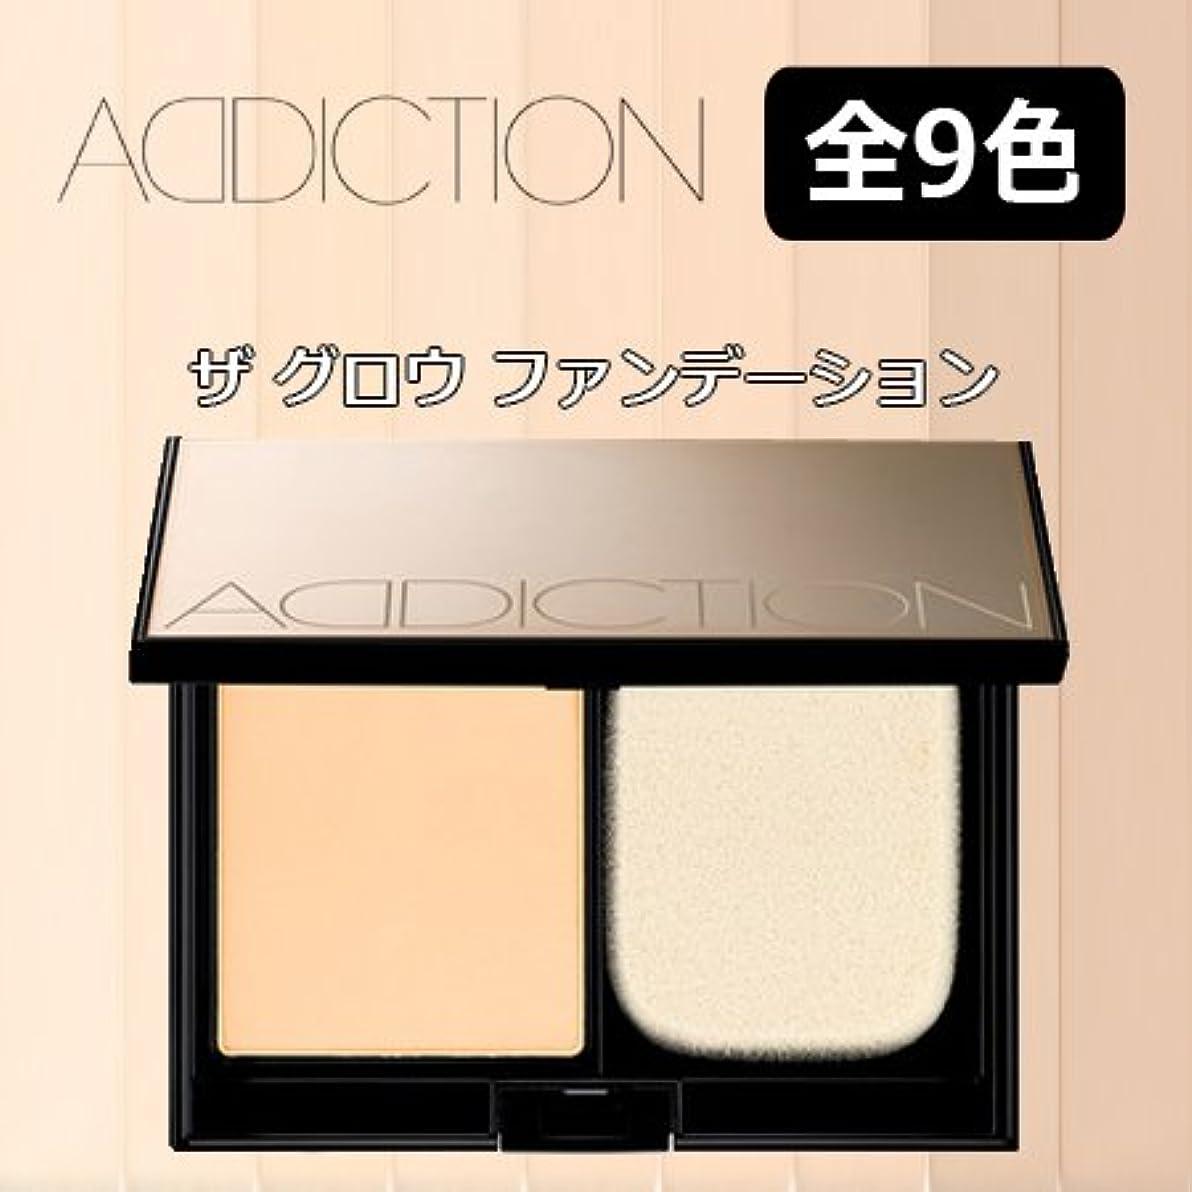 起こる薬写真アディクション ザ グロウ パウダーファンデーション (本体セット) 全9色 -ADDICTION- 【国内正規品】 008 Golden Sand